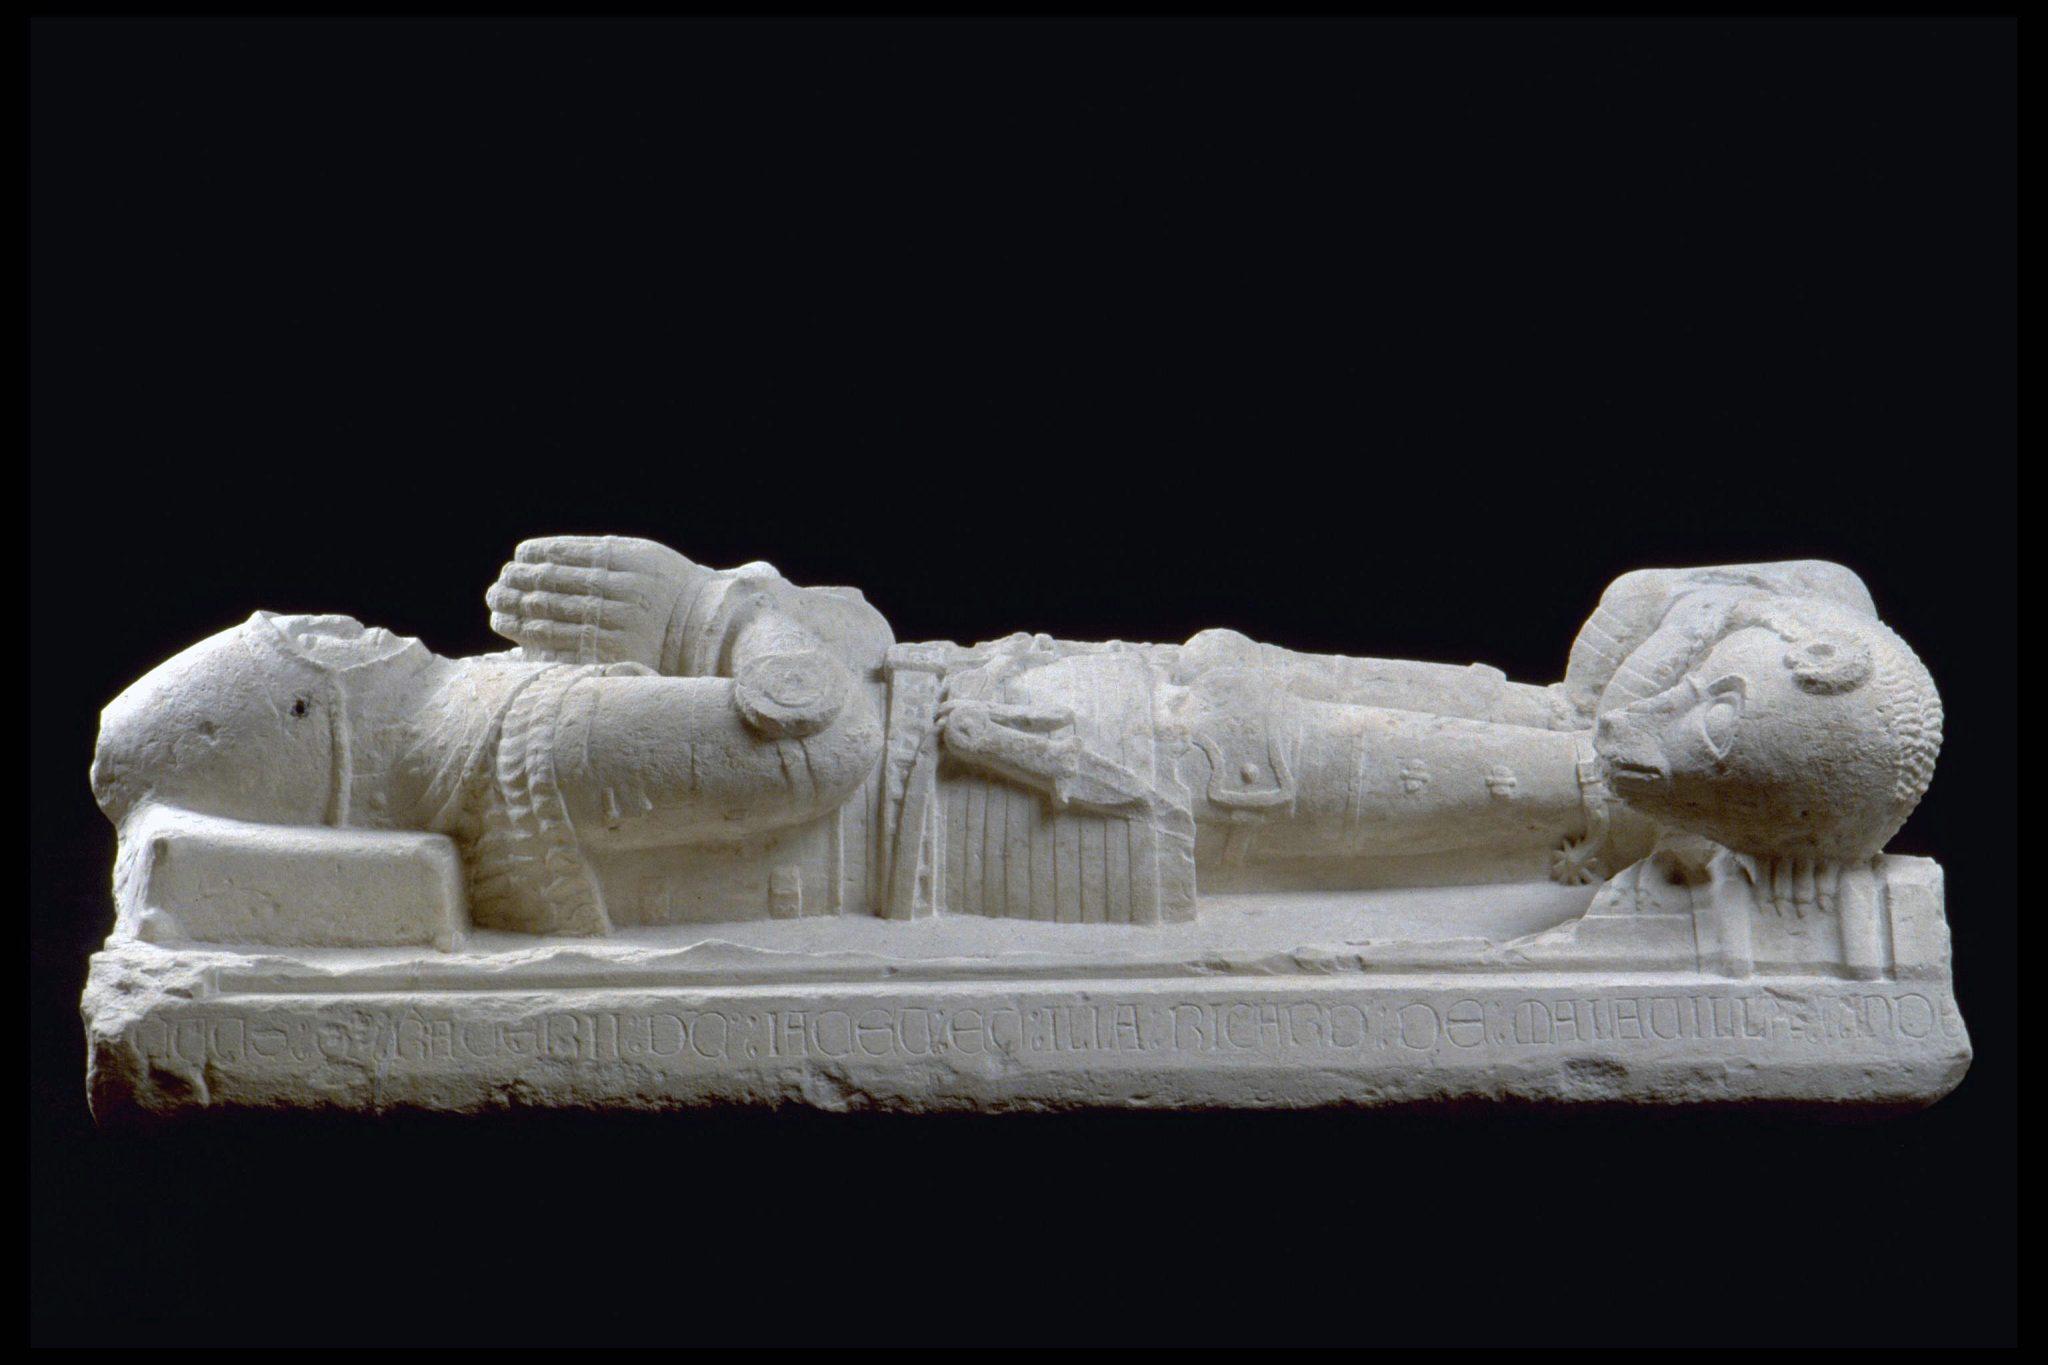 Vue latérale du gisant avec l'inscription en latin